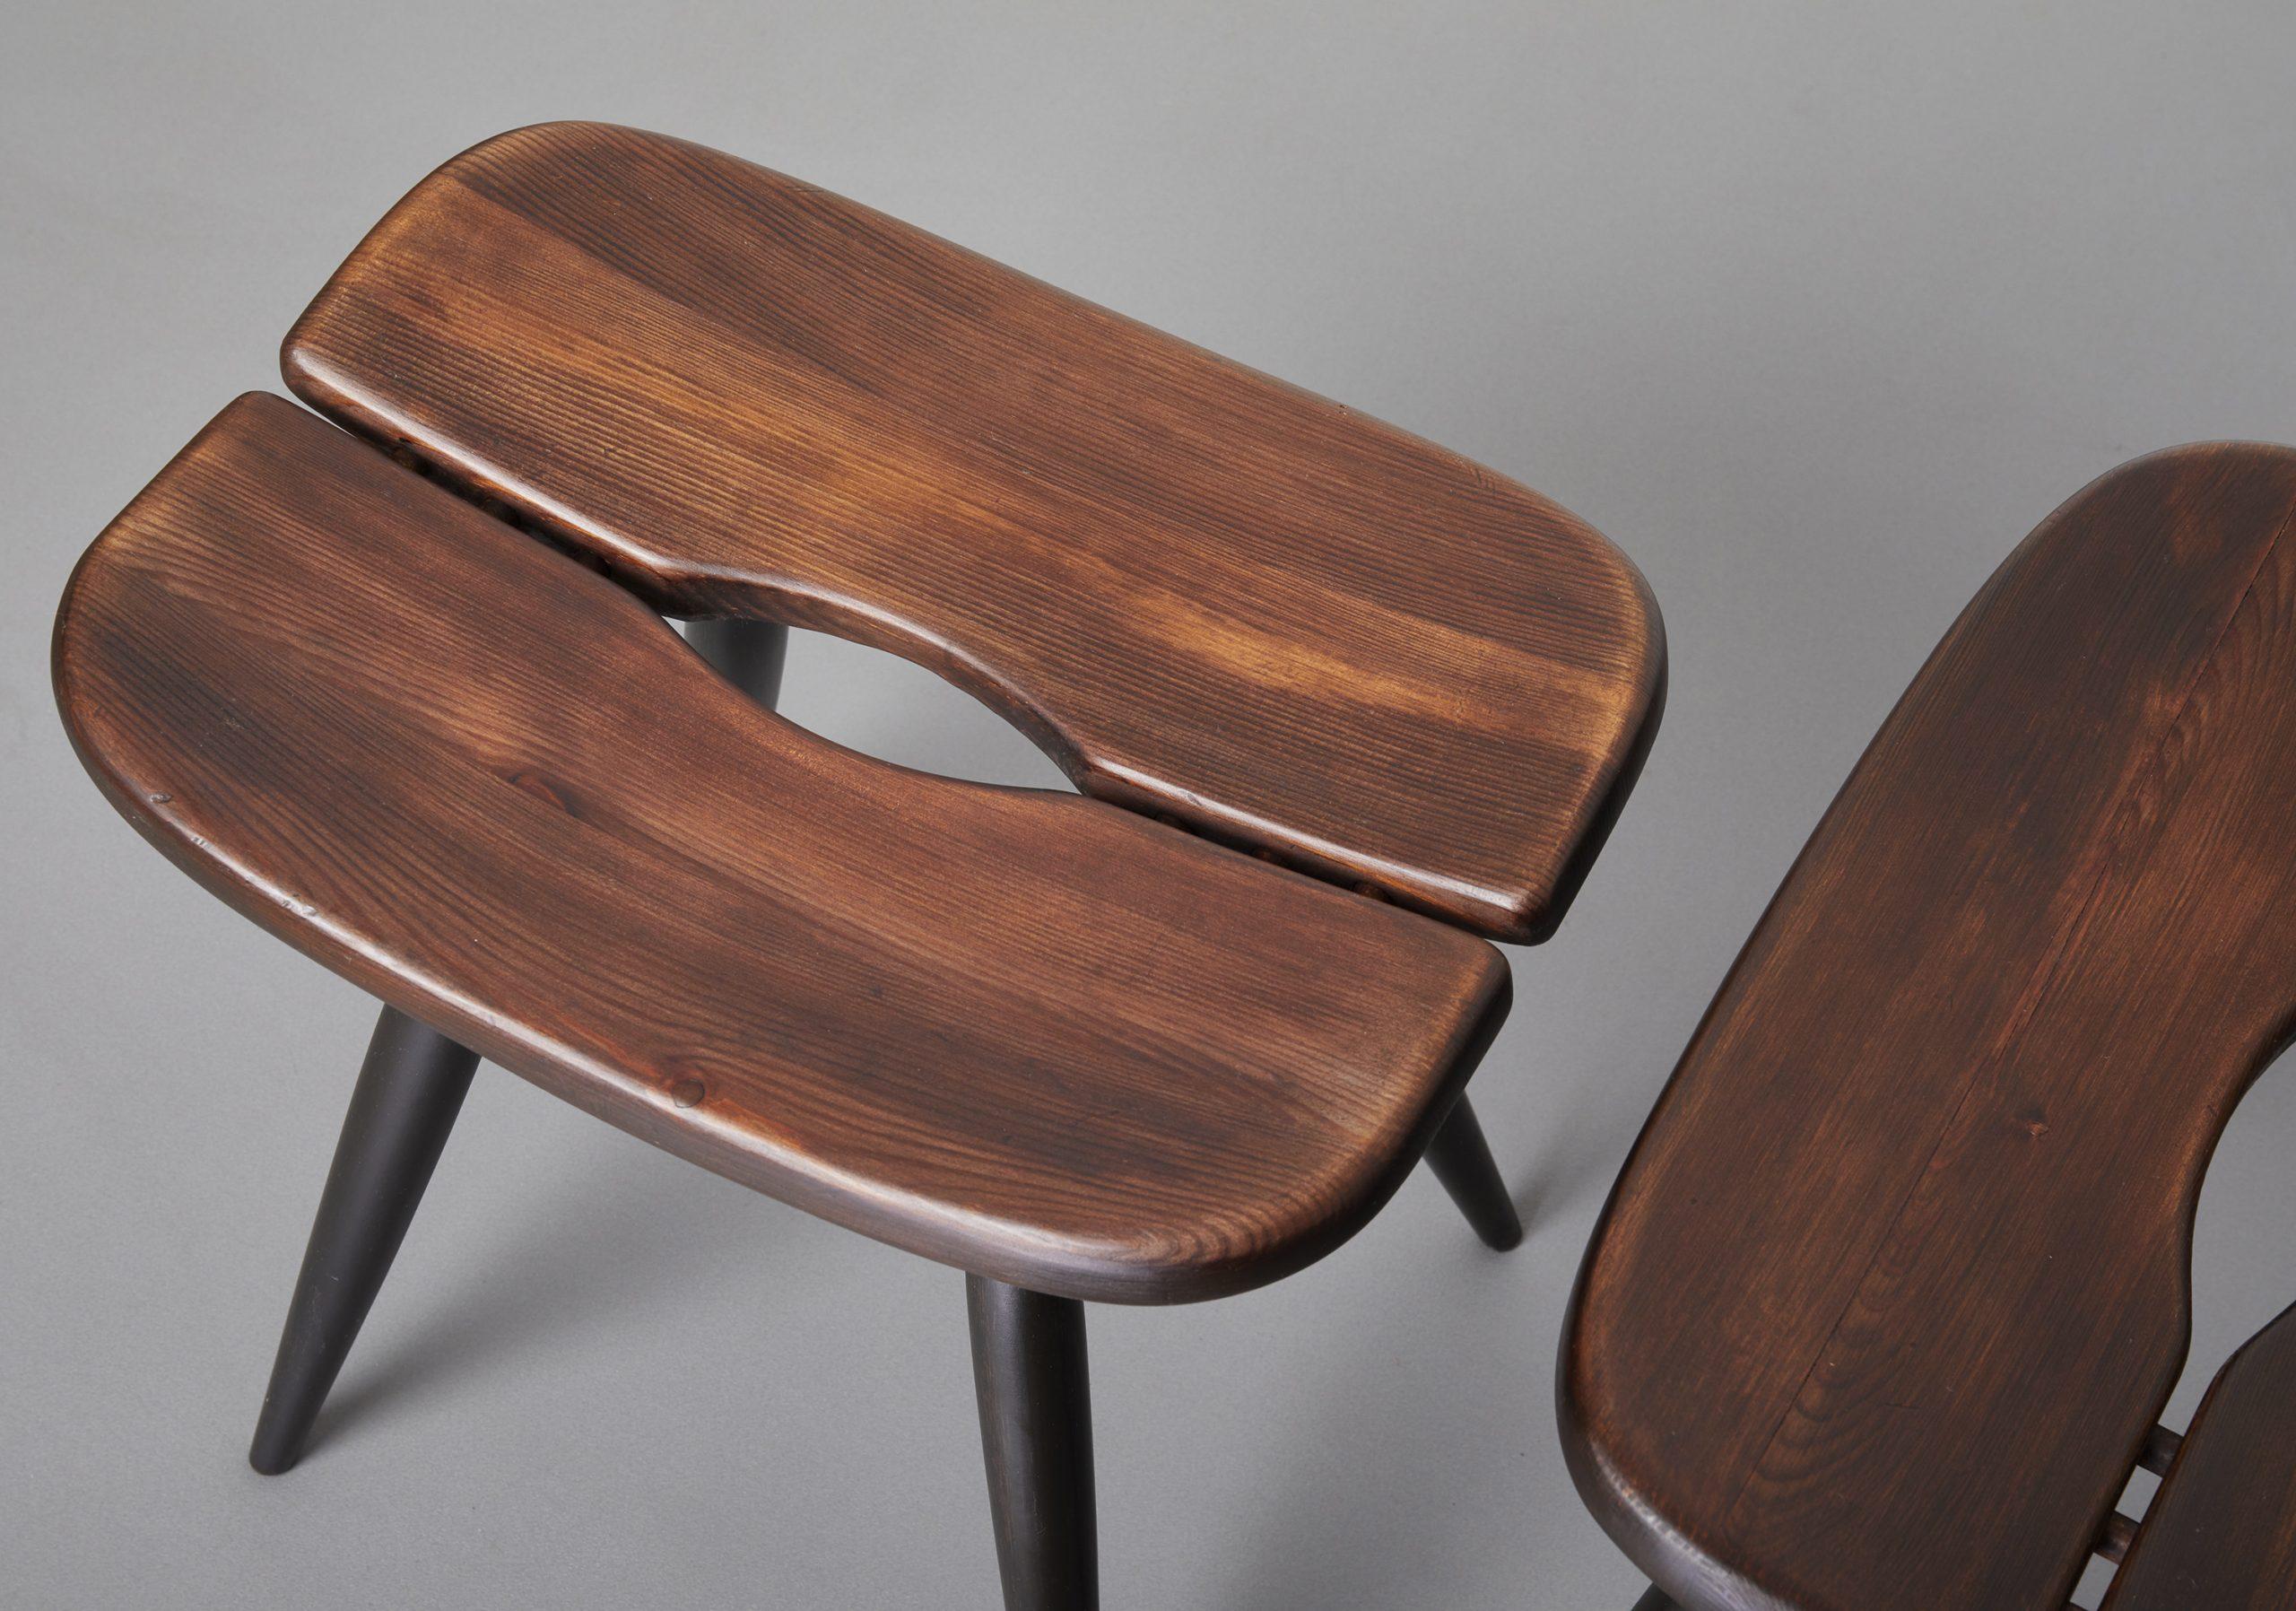 pair-of-pirkka-stools-by-ilmari-tapiovaara-1955-image-04